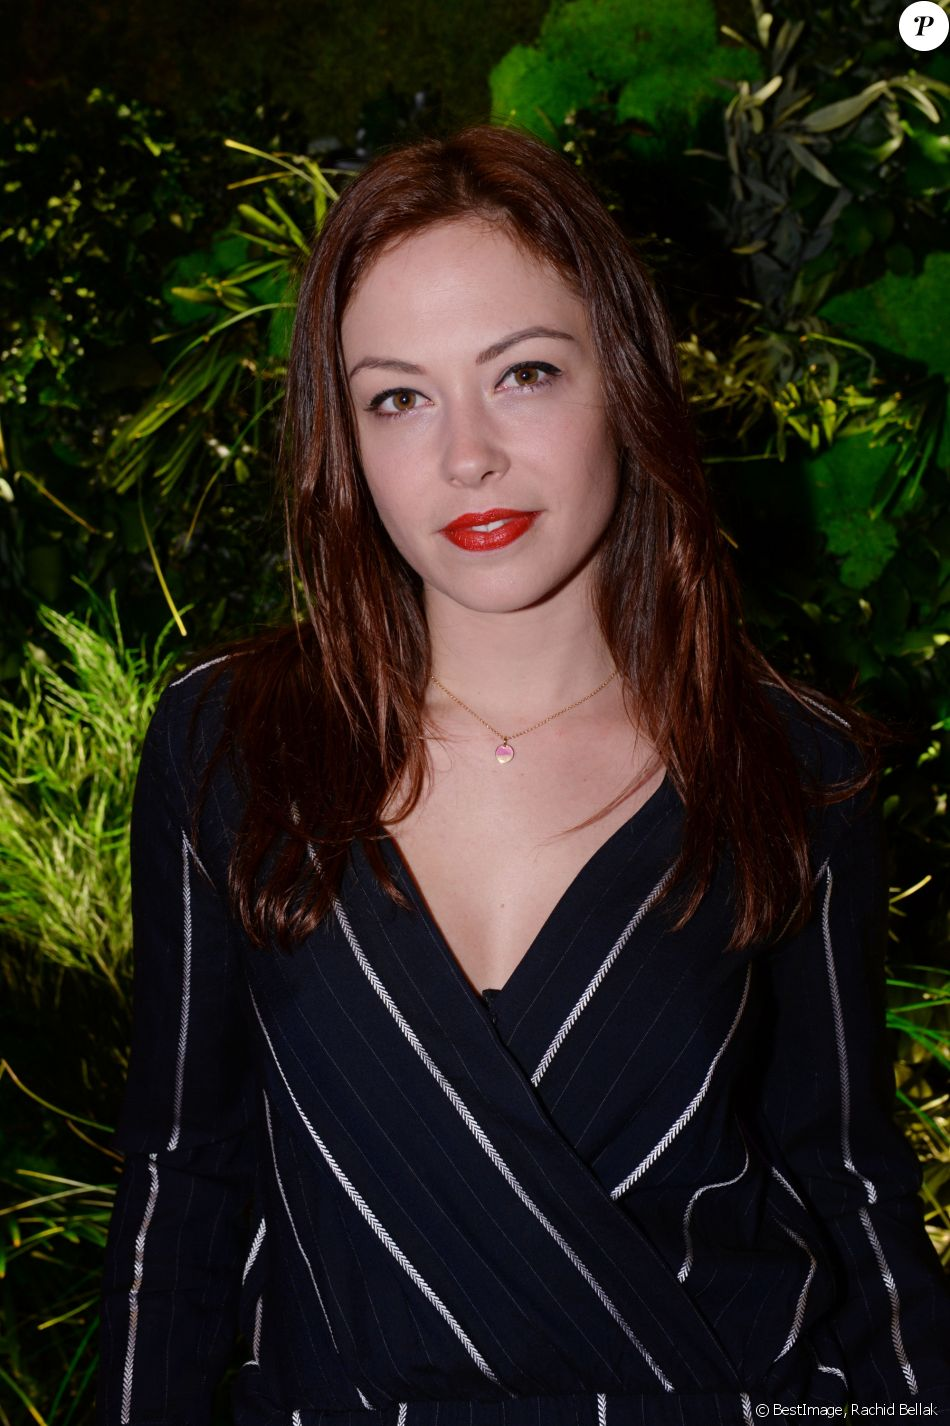 Dounia Coesens - Soirée de lancement d'un e-shop Ieva (un pop-up store 38 rue Sainte-Croix-de-la-Bretonnerie) à Paris, France, le 31 janvier 2019.© Rachid Bellak/Bestimage